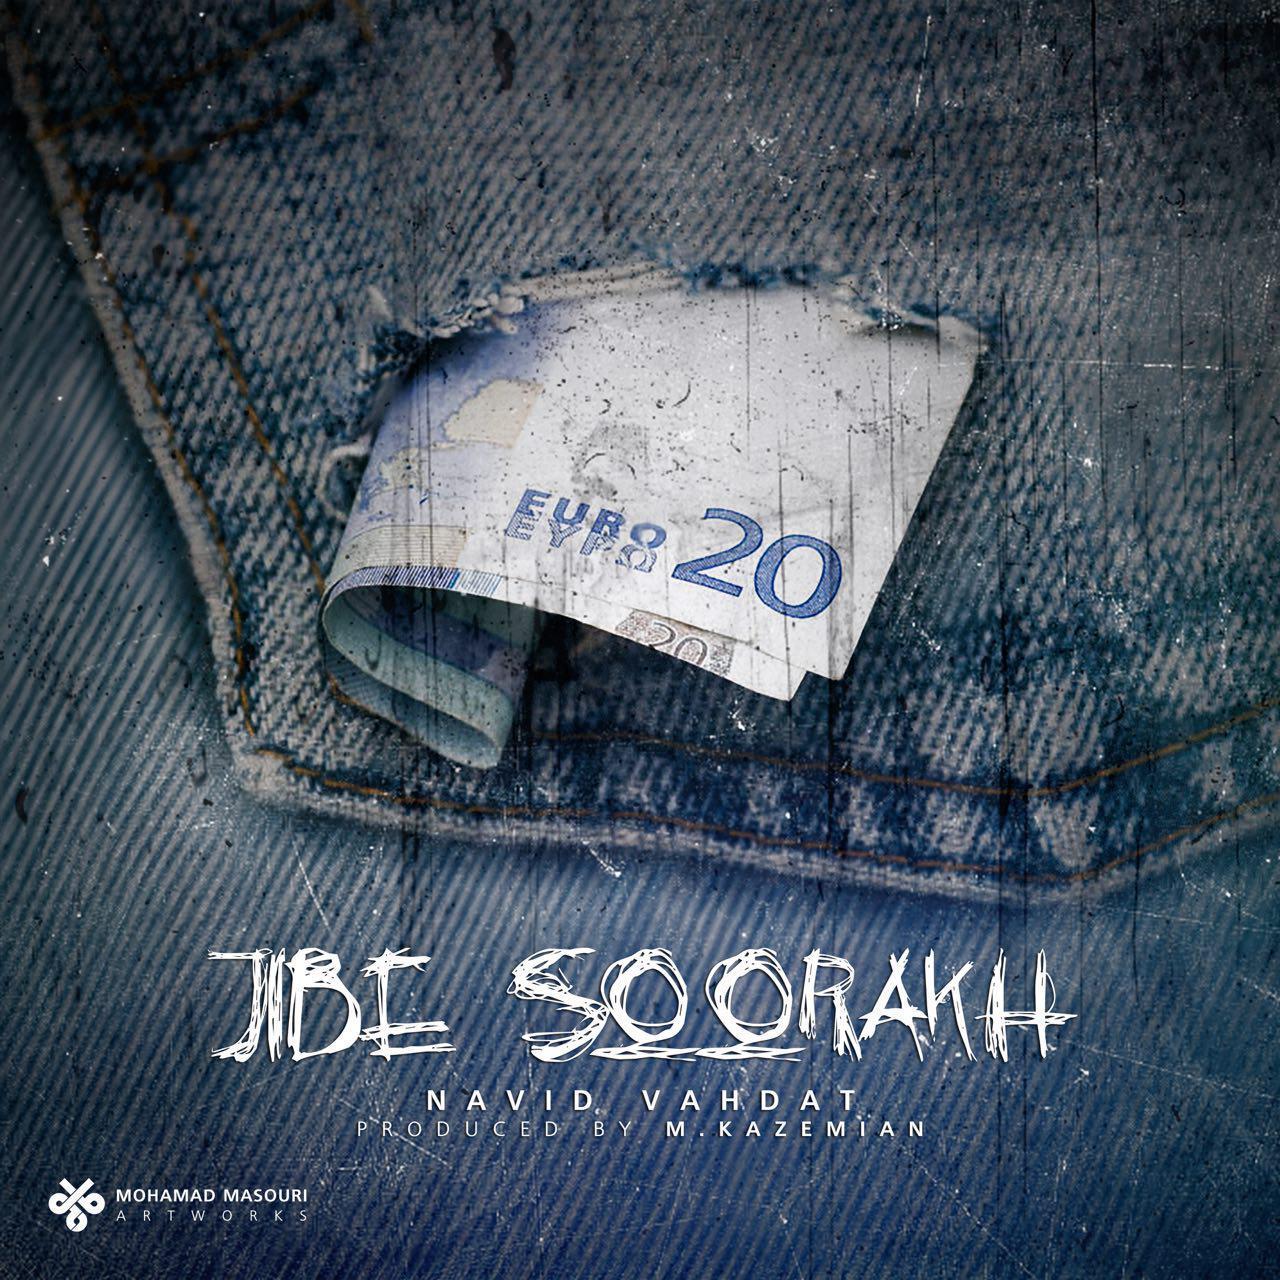 Jibe Soorakh